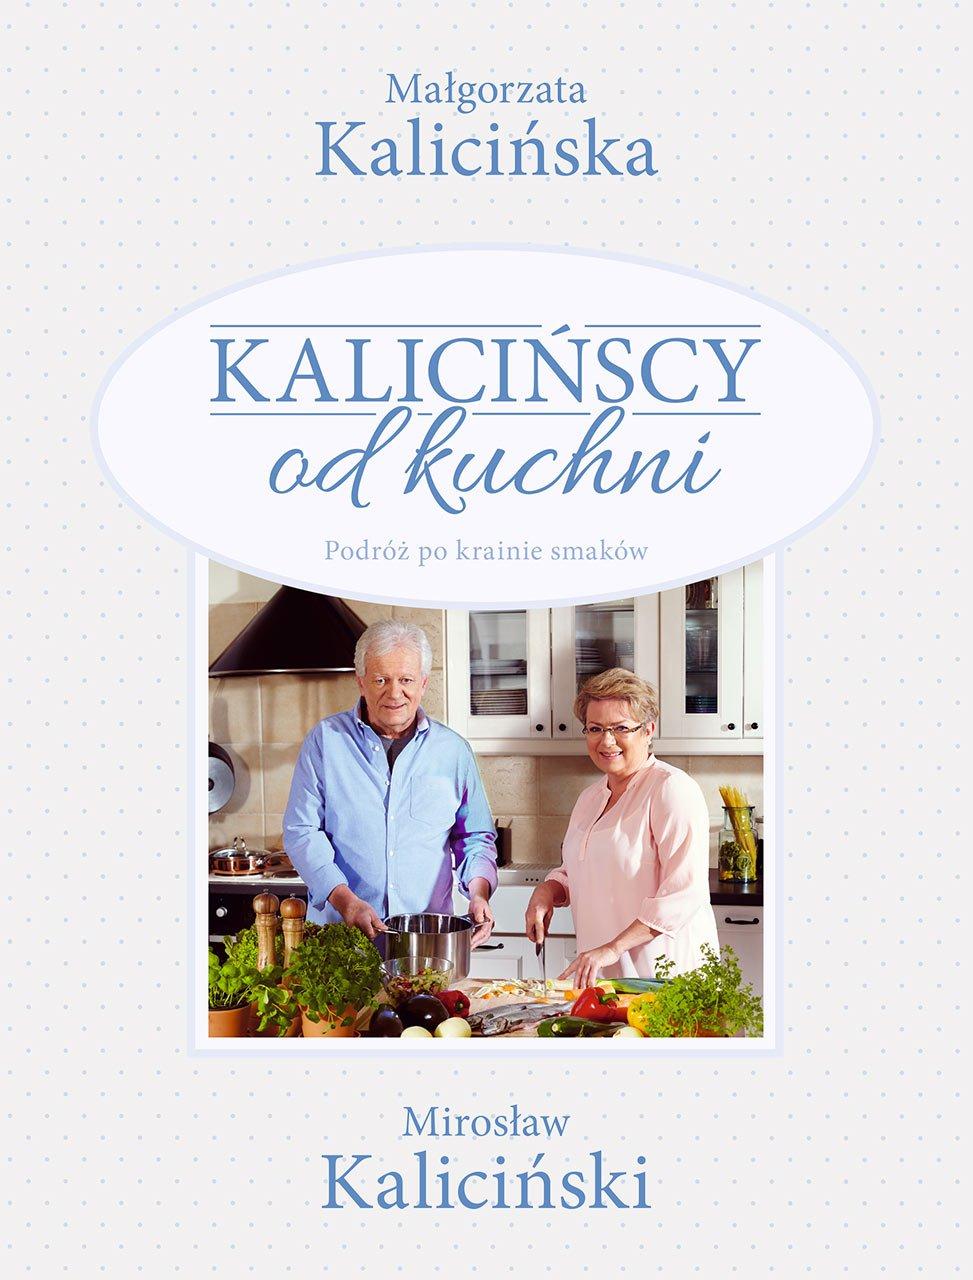 Kalicińscy od kuchni - Ebook (Książka EPUB) do pobrania w formacie EPUB